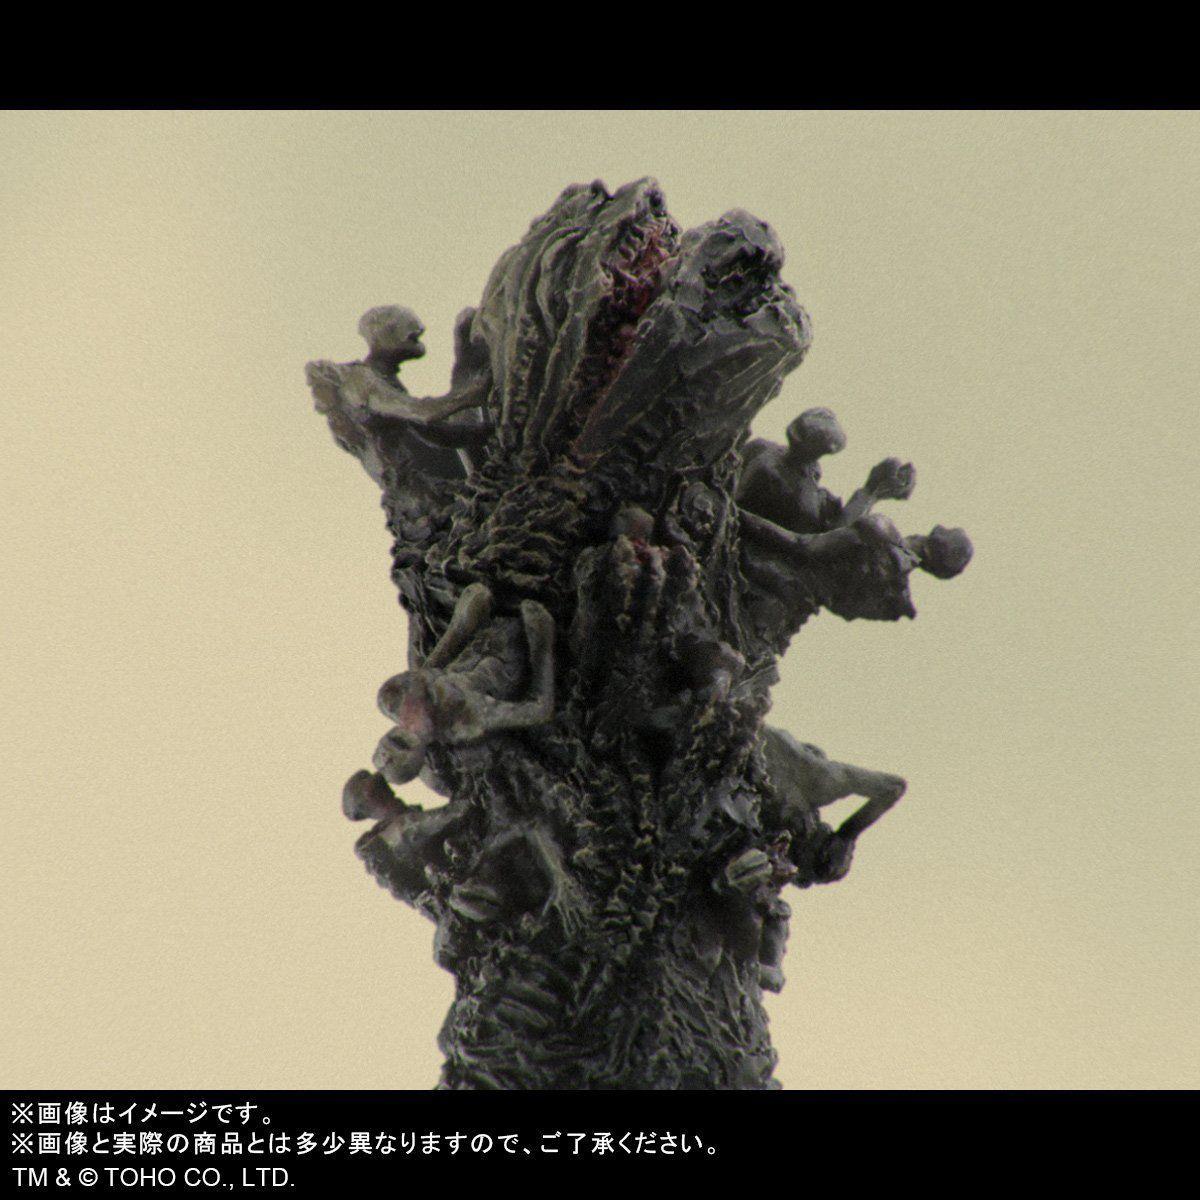 東宝大怪獣シリーズ『ゴジラ(2016)凍結Ver.』シン・ゴジラ 完成品フィギュア-003